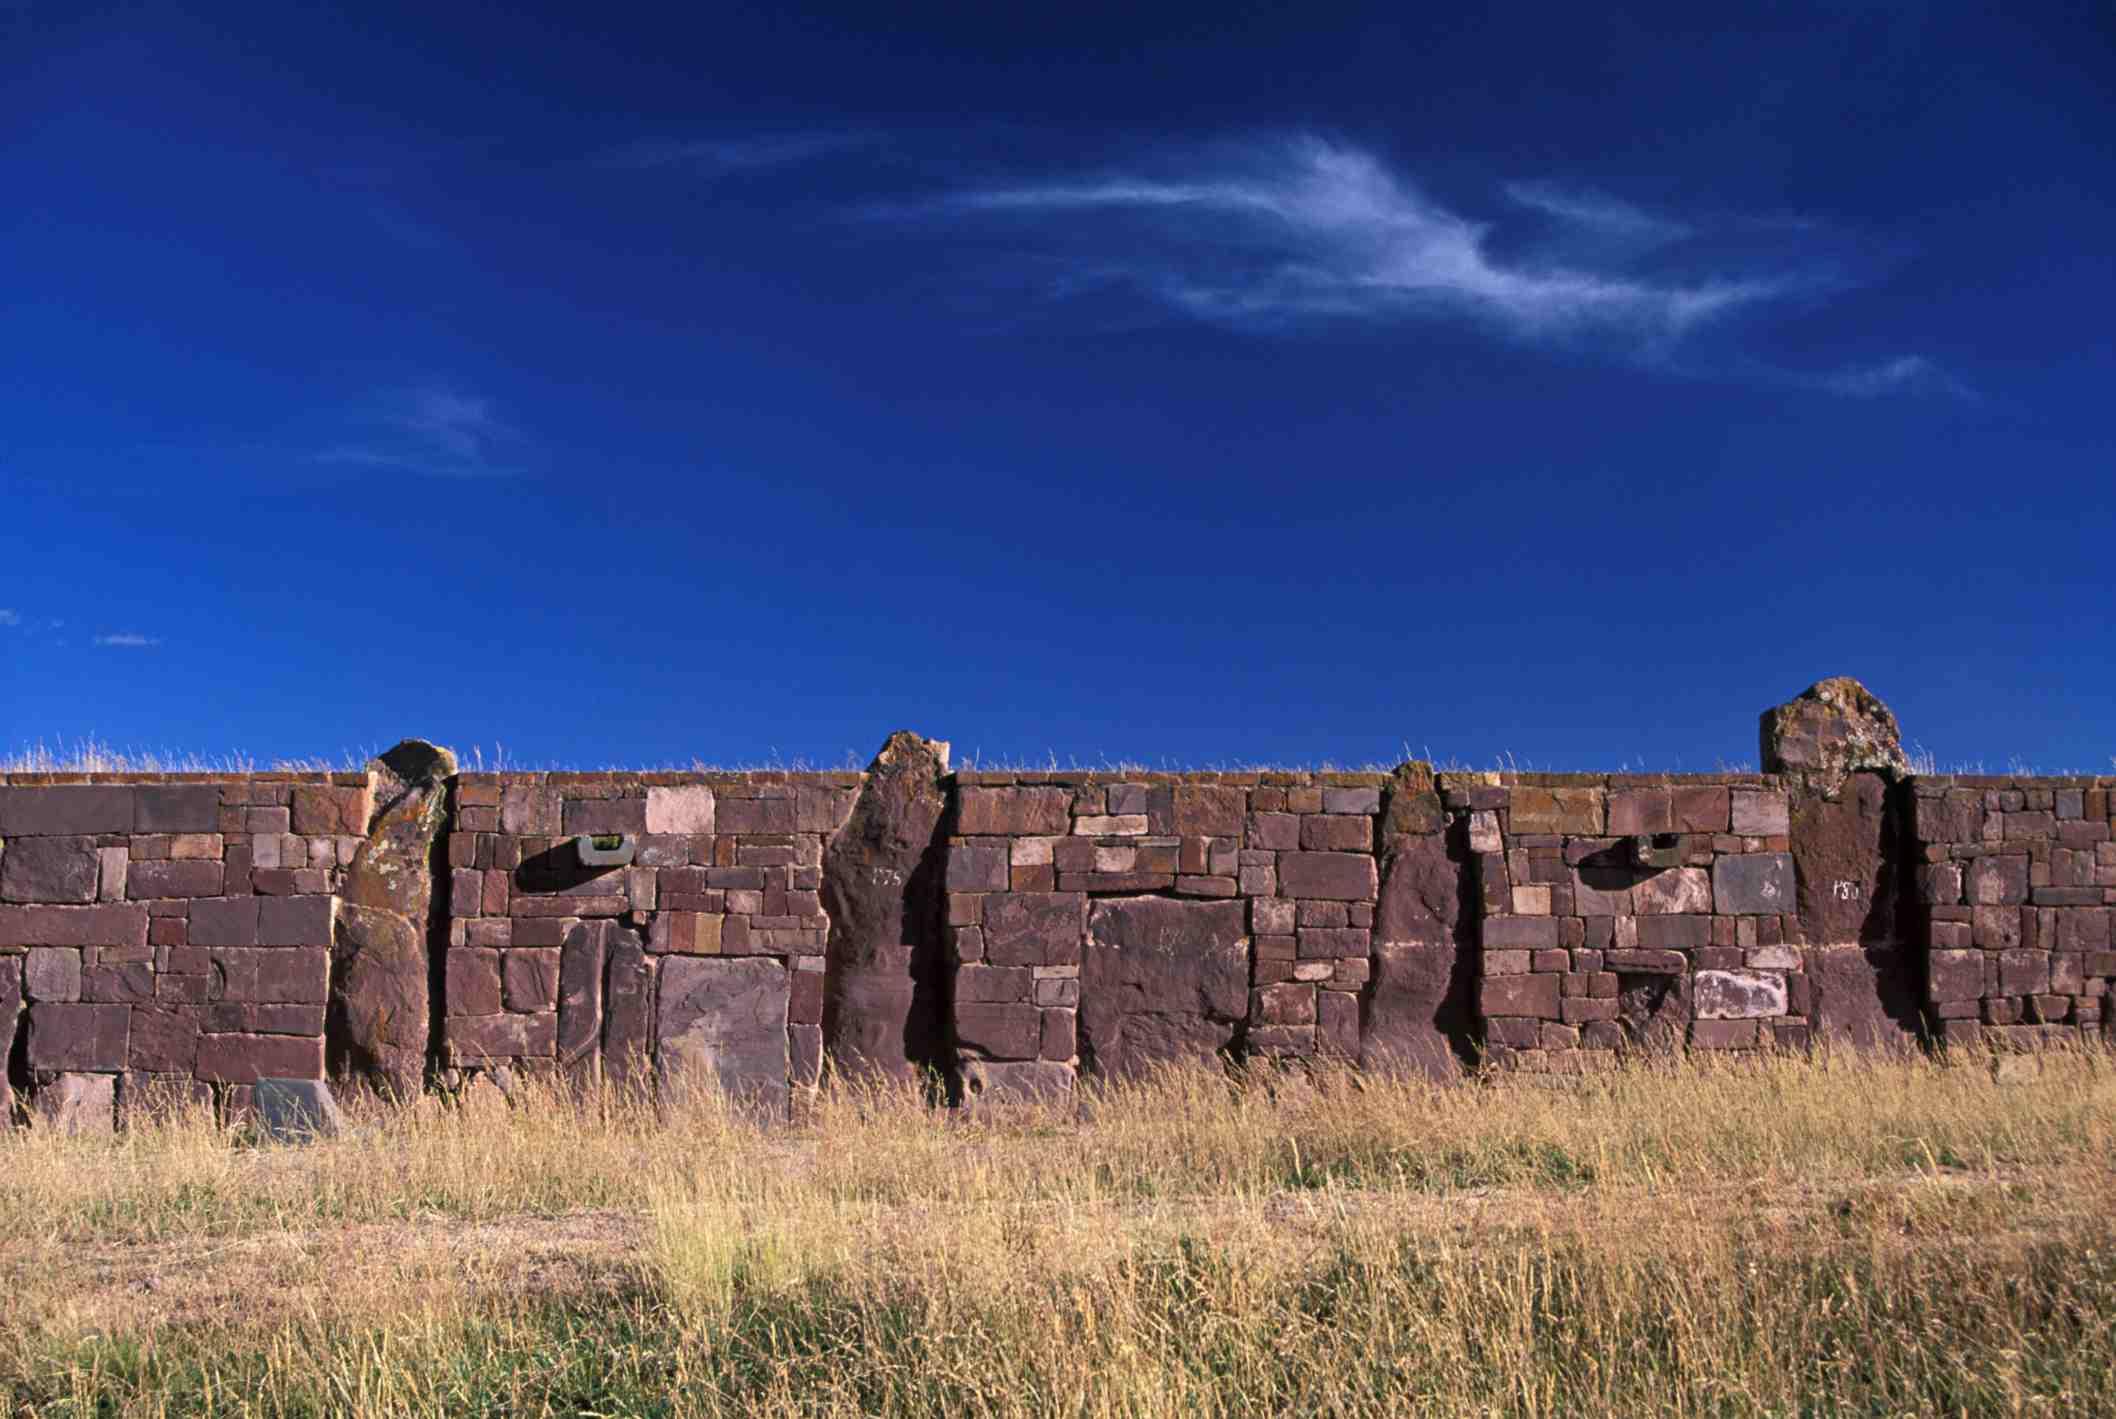 Outer Wall at Tiwanaku Civilization Site of Kalasasaya Temple, Bolivia